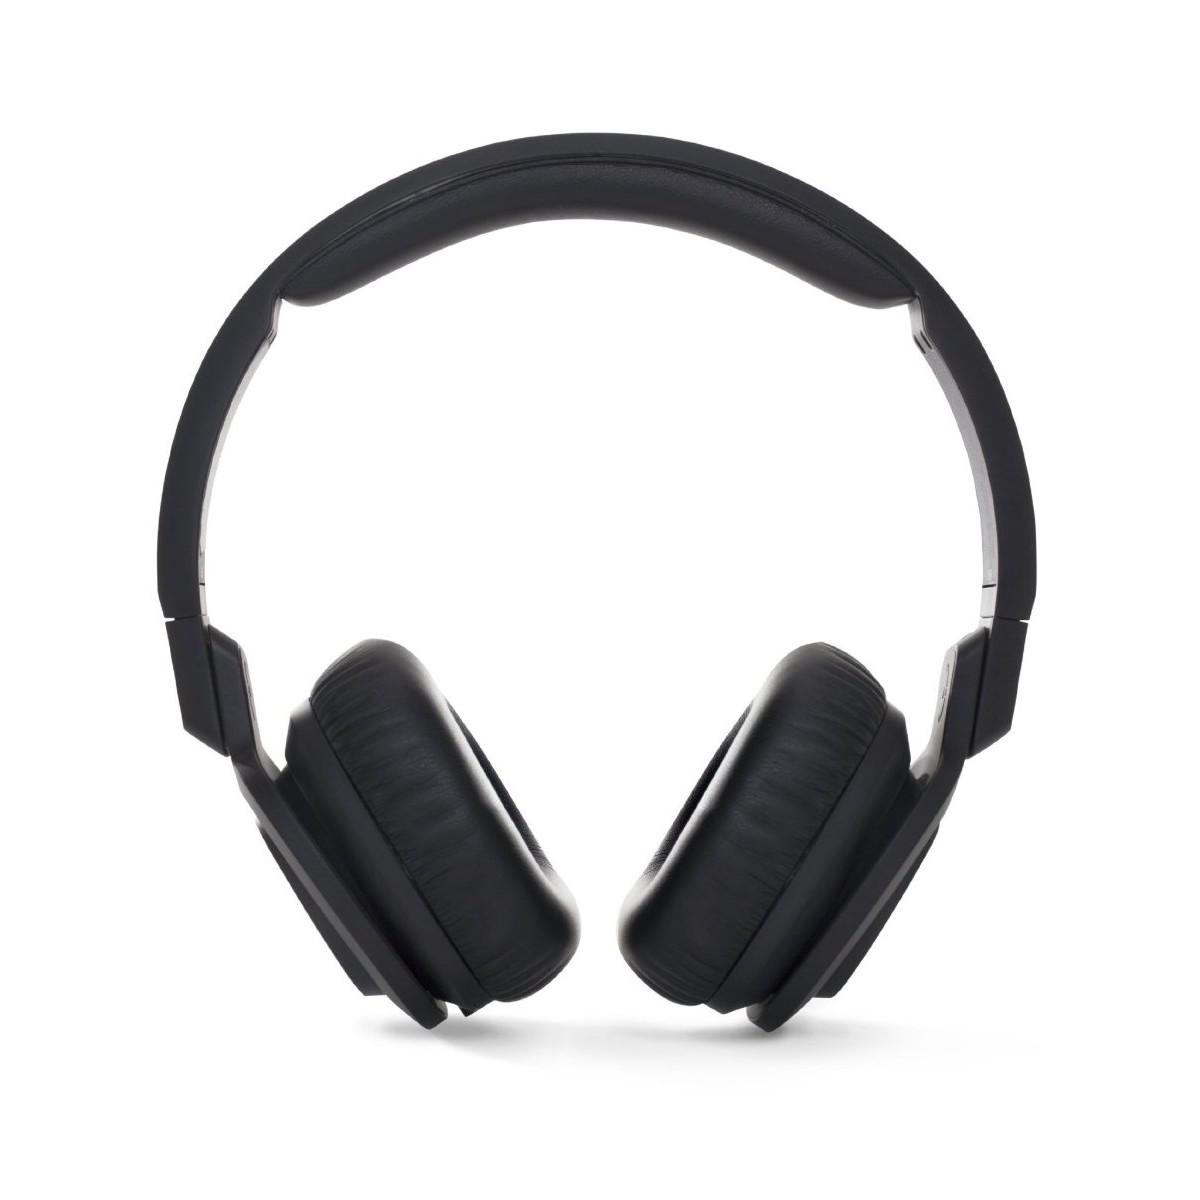 Fone de Ouvido Bluetooth On Ear Preto J56BT - JBL